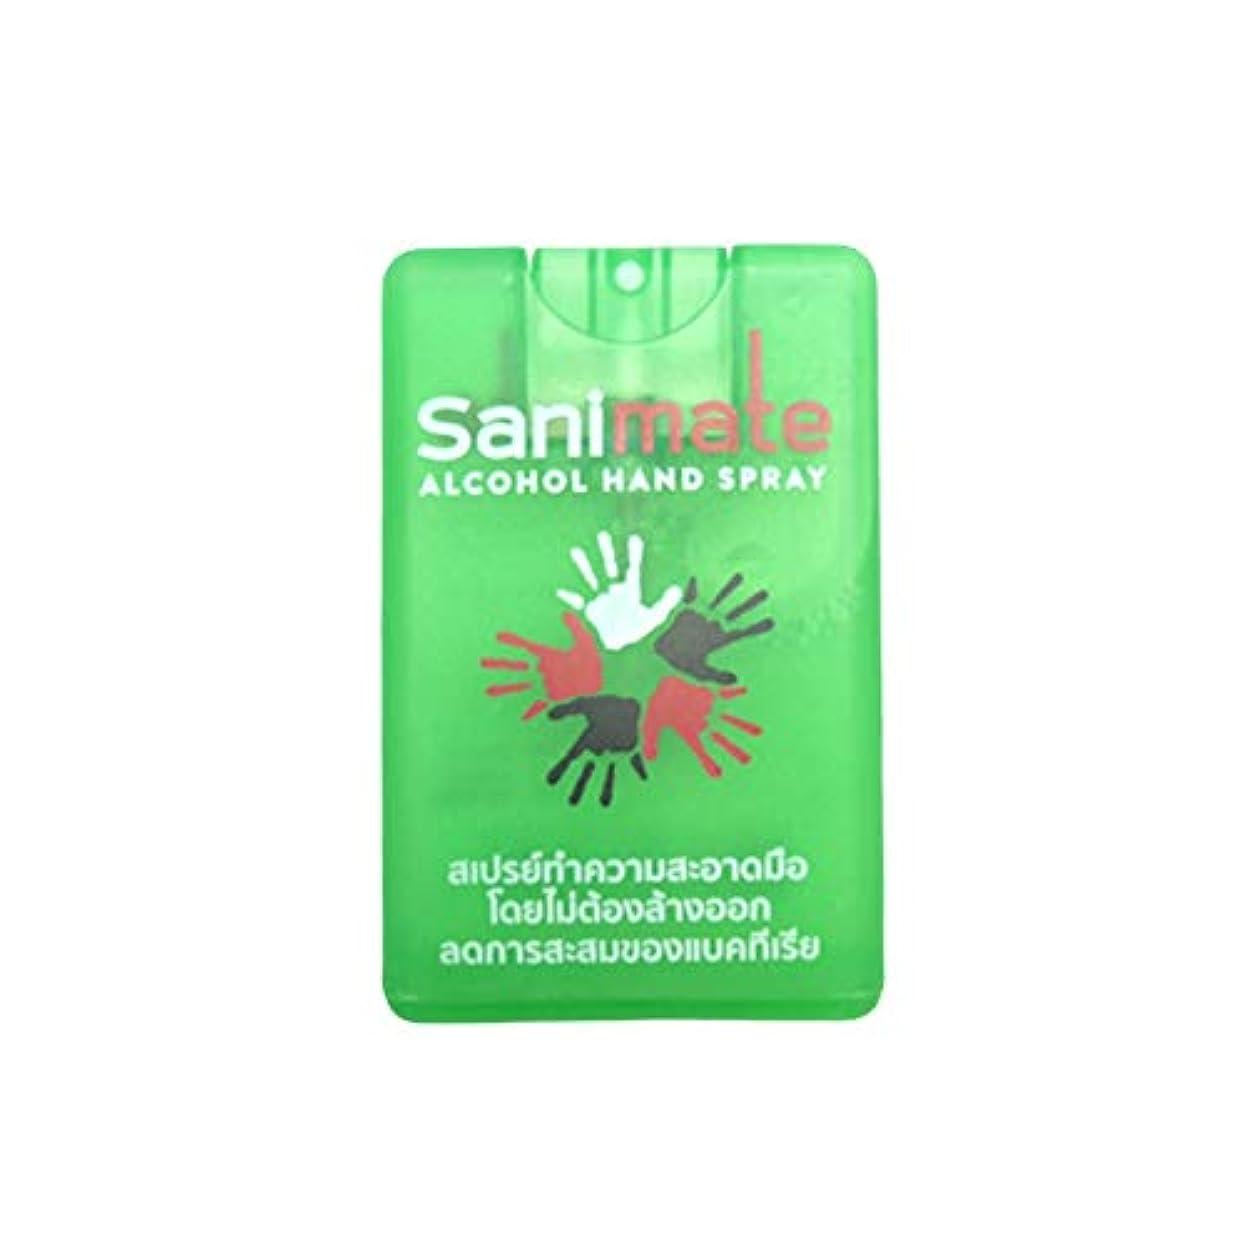 使役アロング腐食するALCOHOL HAND SPRAY コンパクトサイズで持運びに便利 アルコールハンドスプレー 20ml【並行輸入品】